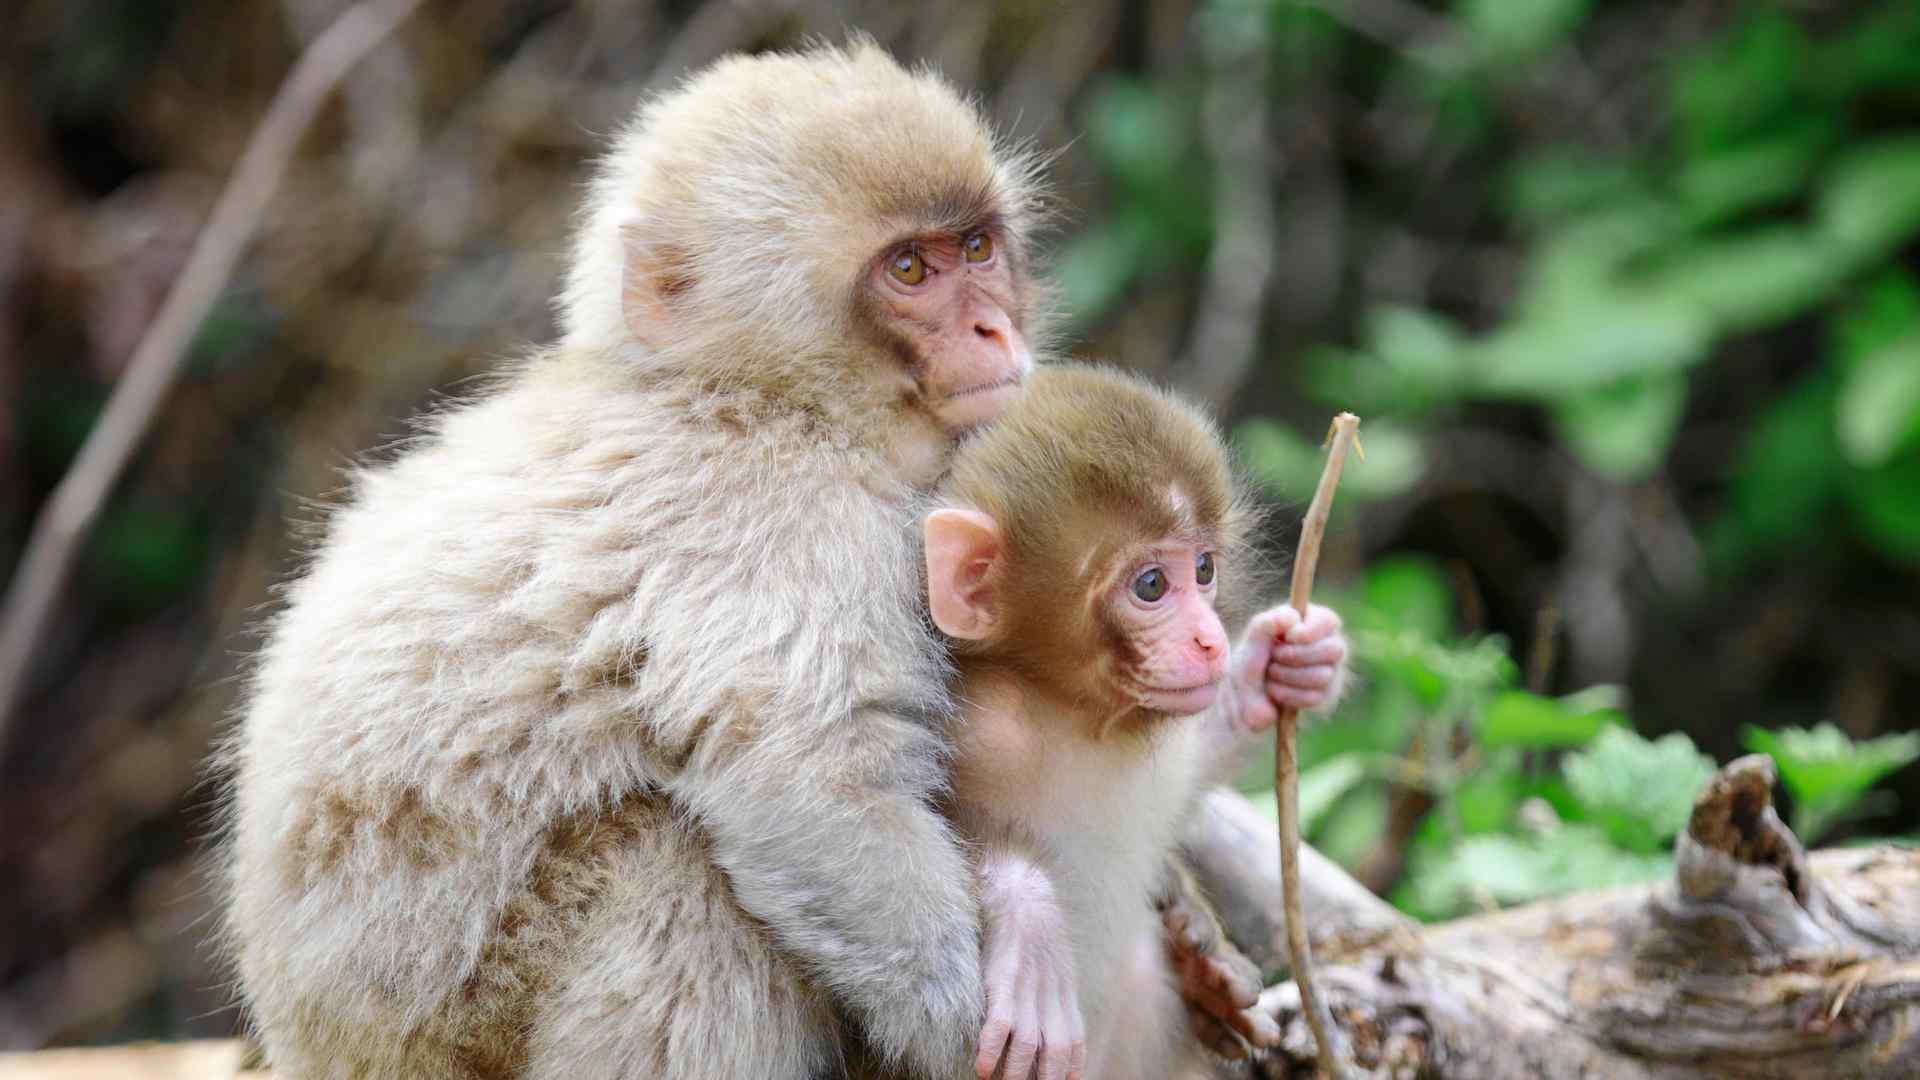 拥抱一起的猴子可爱摄影图片桌面壁纸,猴子,是三种类人猿灵长目动物的成员,灵长目是动物界的种群,猴子一般大脑发达,眼眶朝向前方,眶间距窄,手和脚的趾(指)分开,大拇指灵活,多数能与其他趾(指)对握。包括原猴亚目和猿猴亚目。欢迎继续关注桌面天下寻找更多你喜欢的优质壁纸图片。